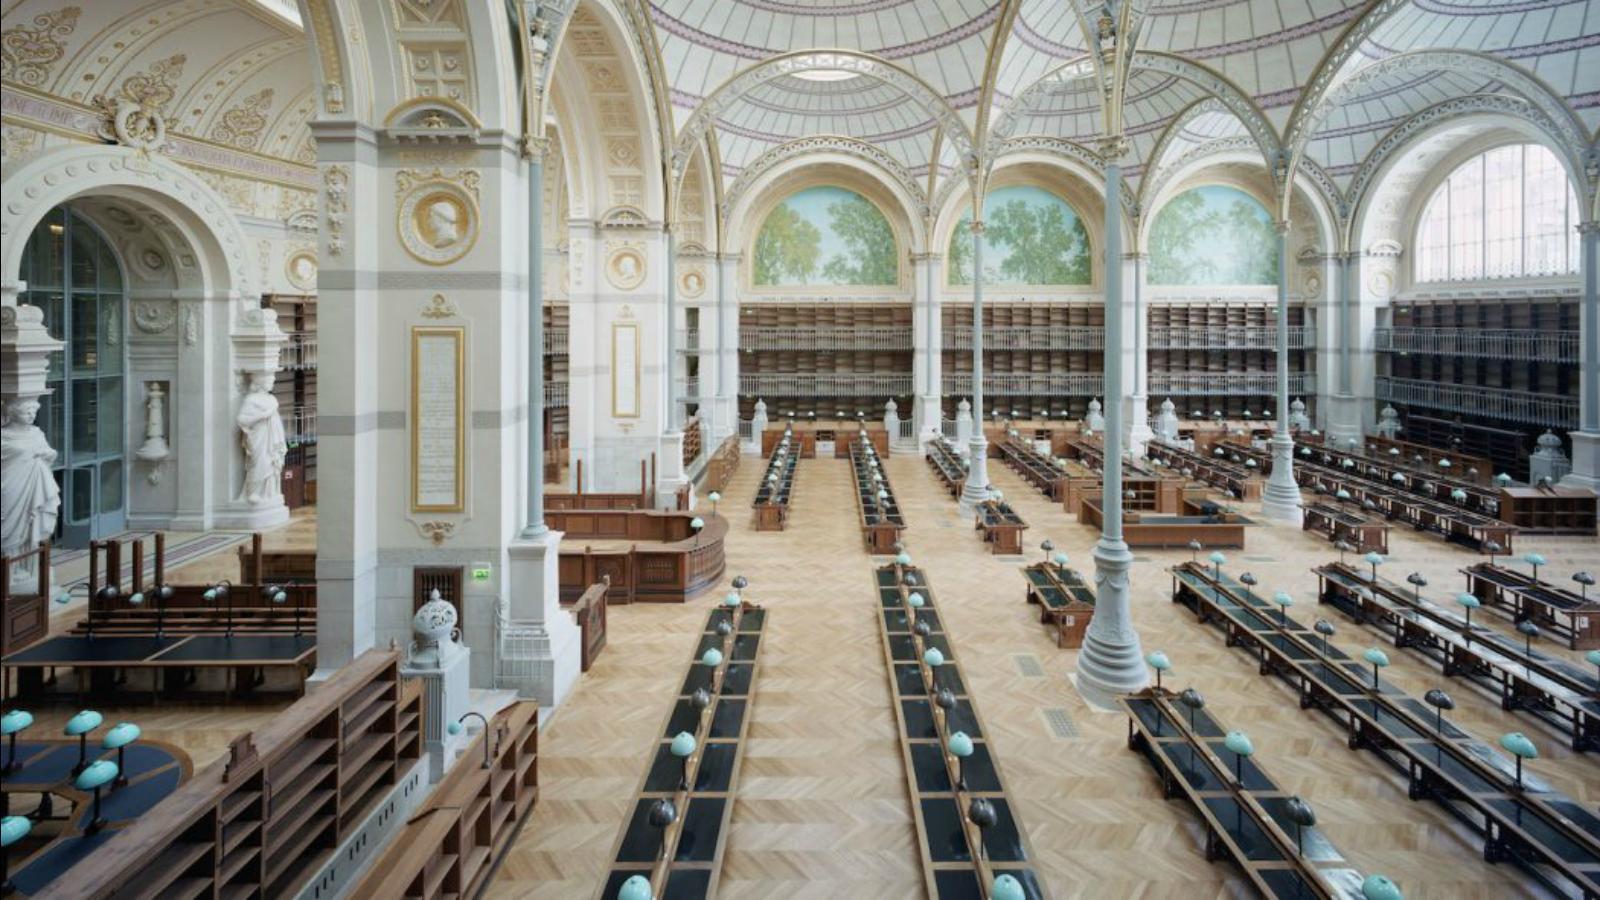 Arquitecto remodela una de las bibliotecas más impresionantes del mundo